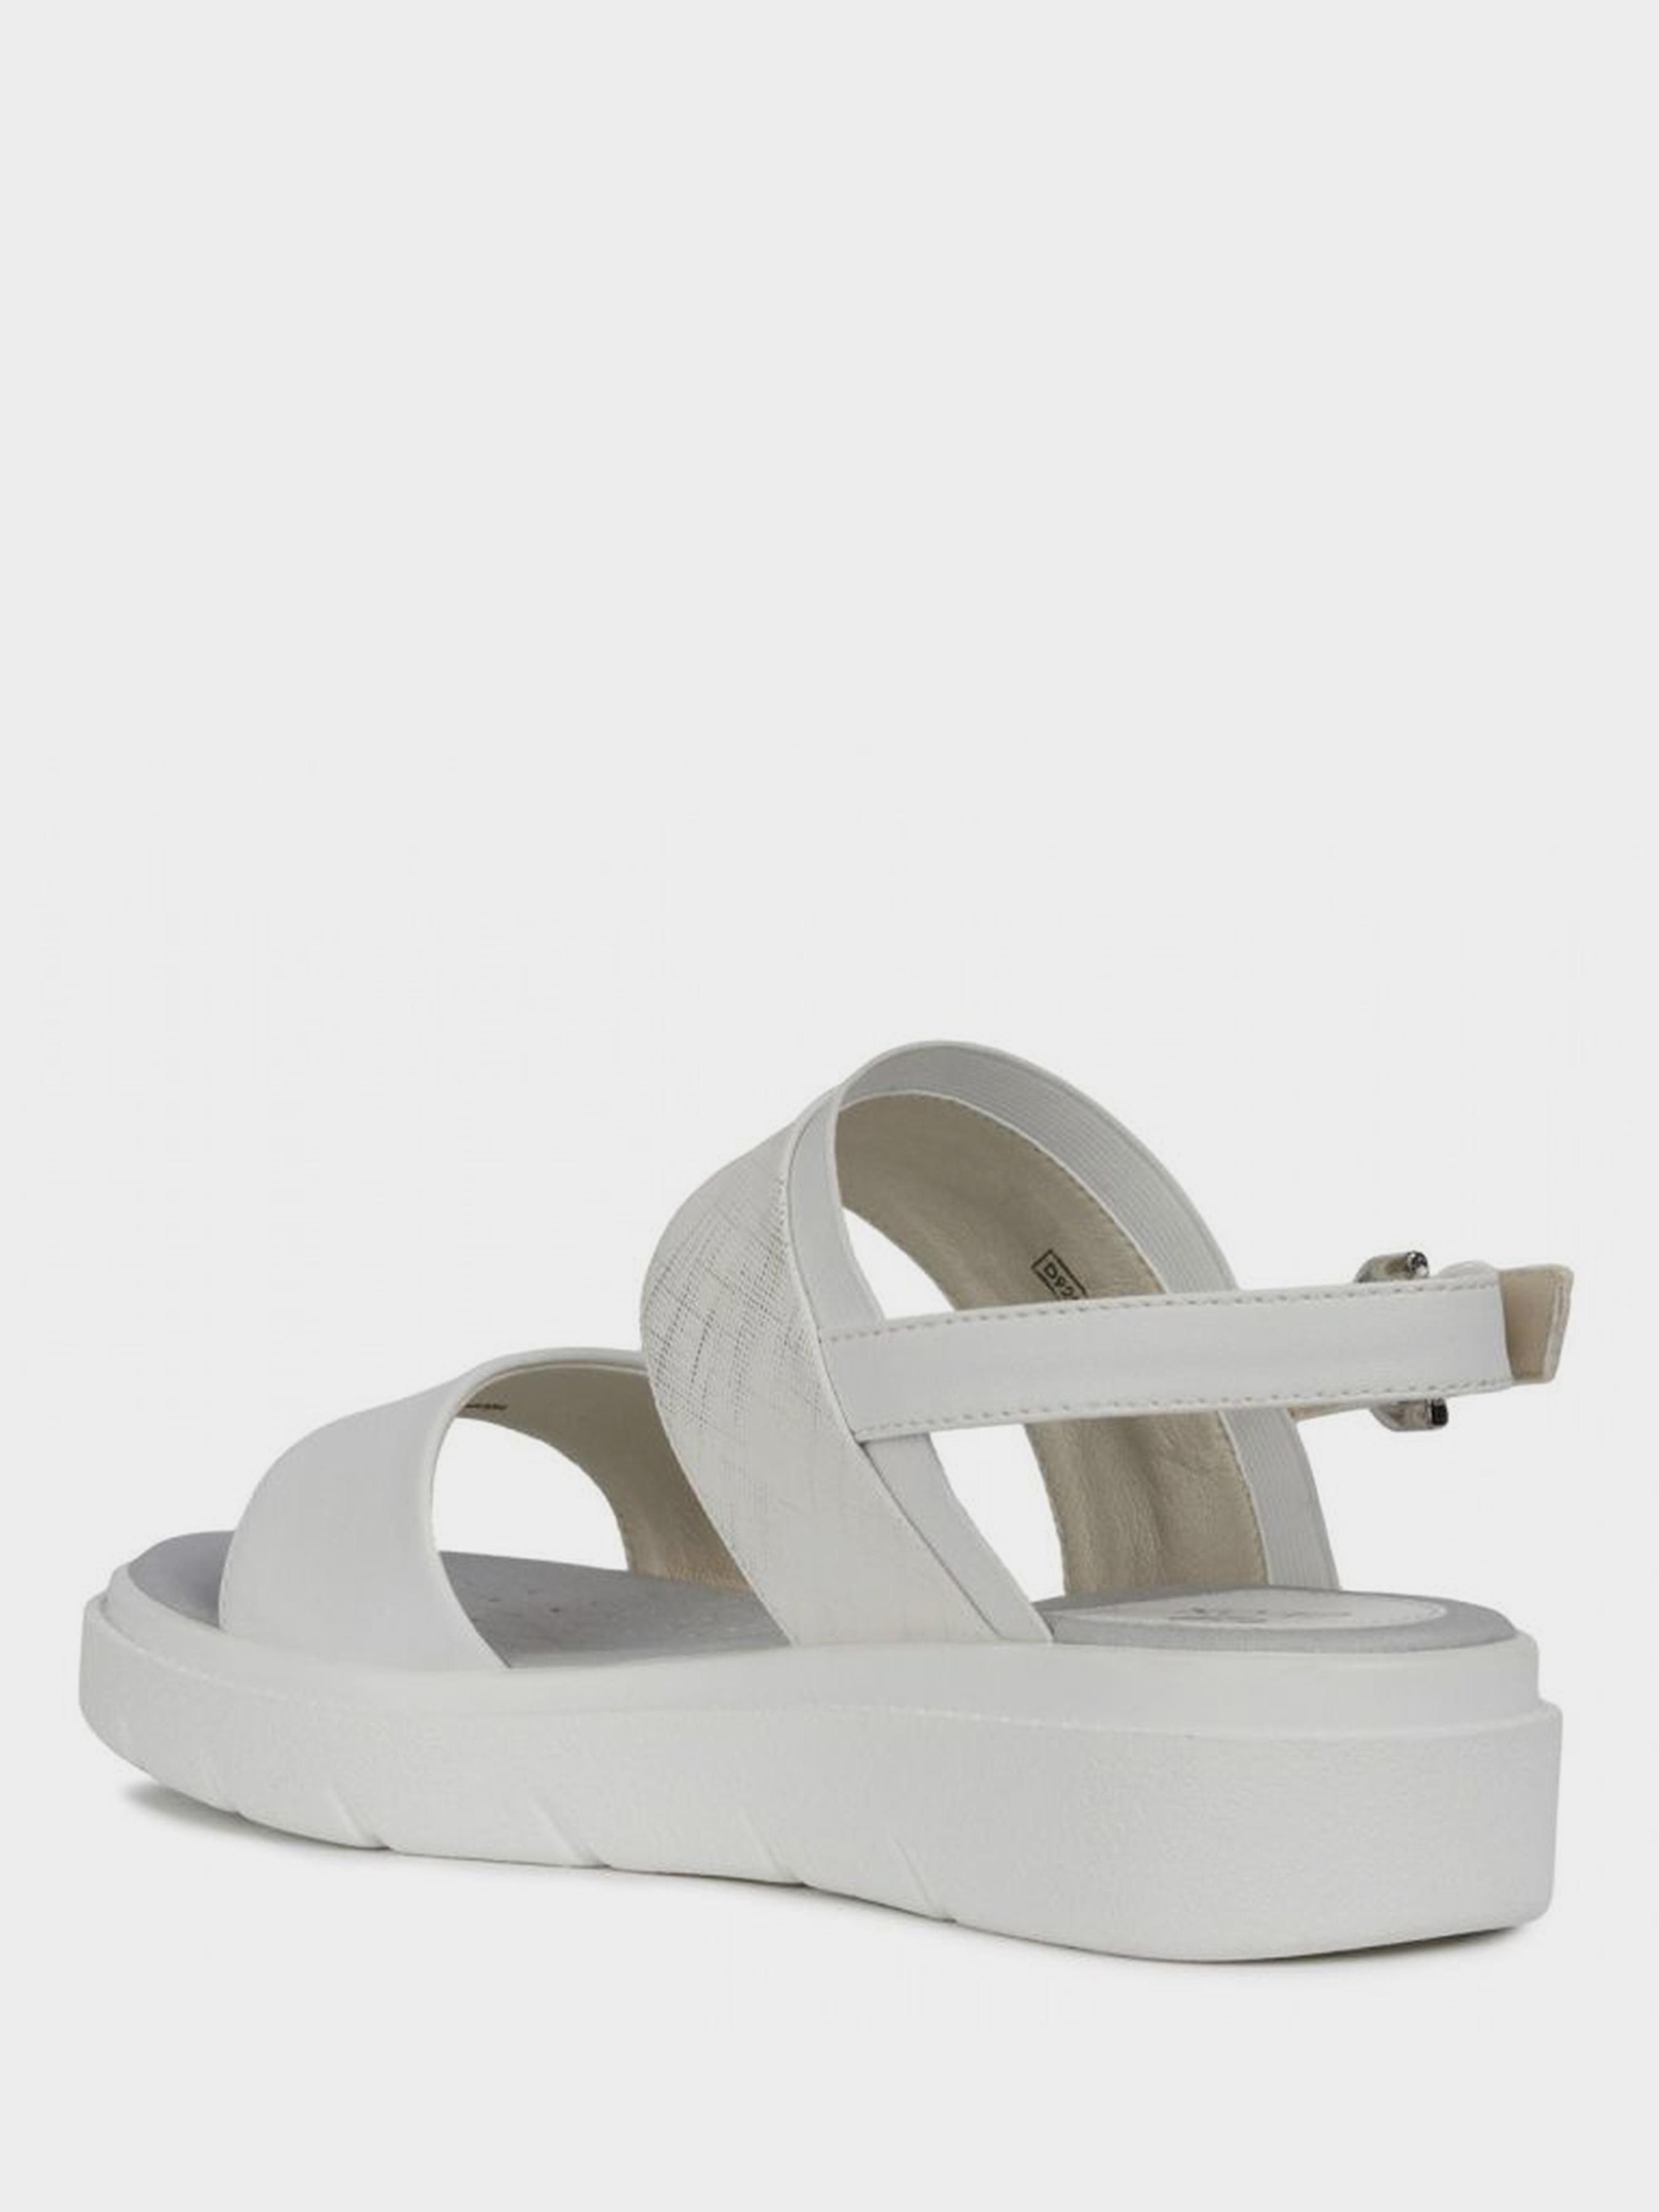 Босоножки для женщин Geox D TAMAS XW3581 брендовая обувь, 2017